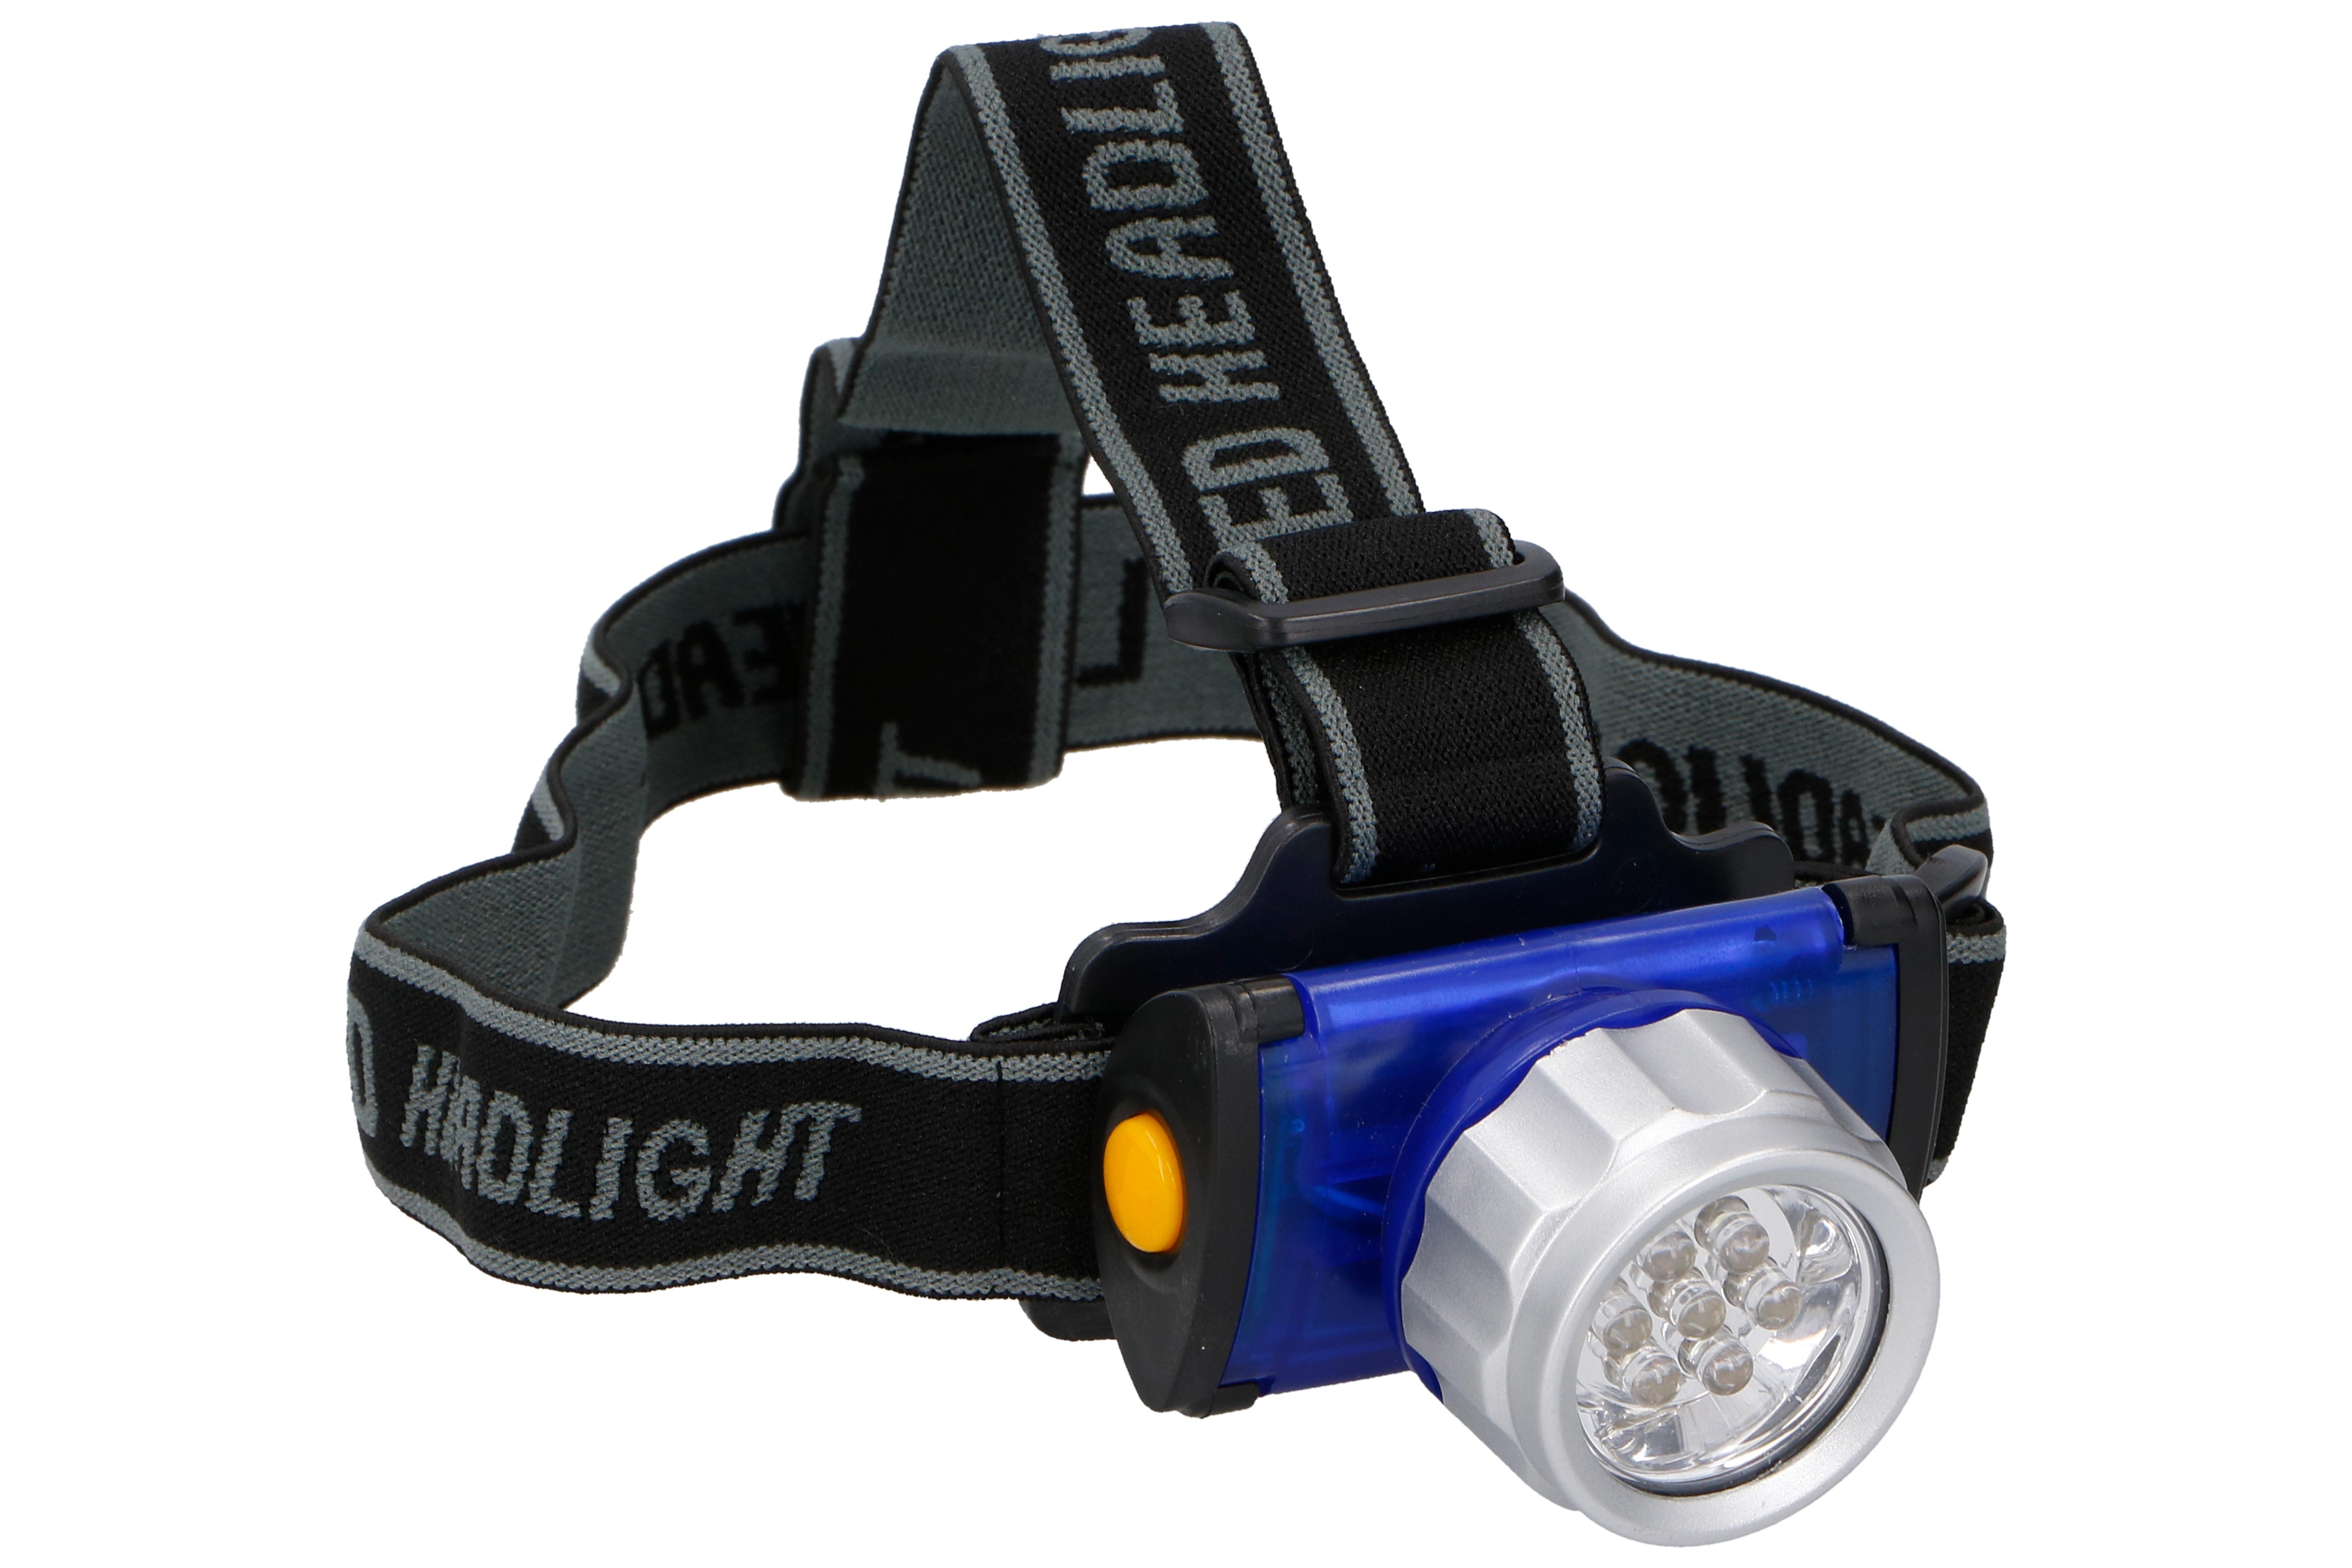 Dunlop Headlight